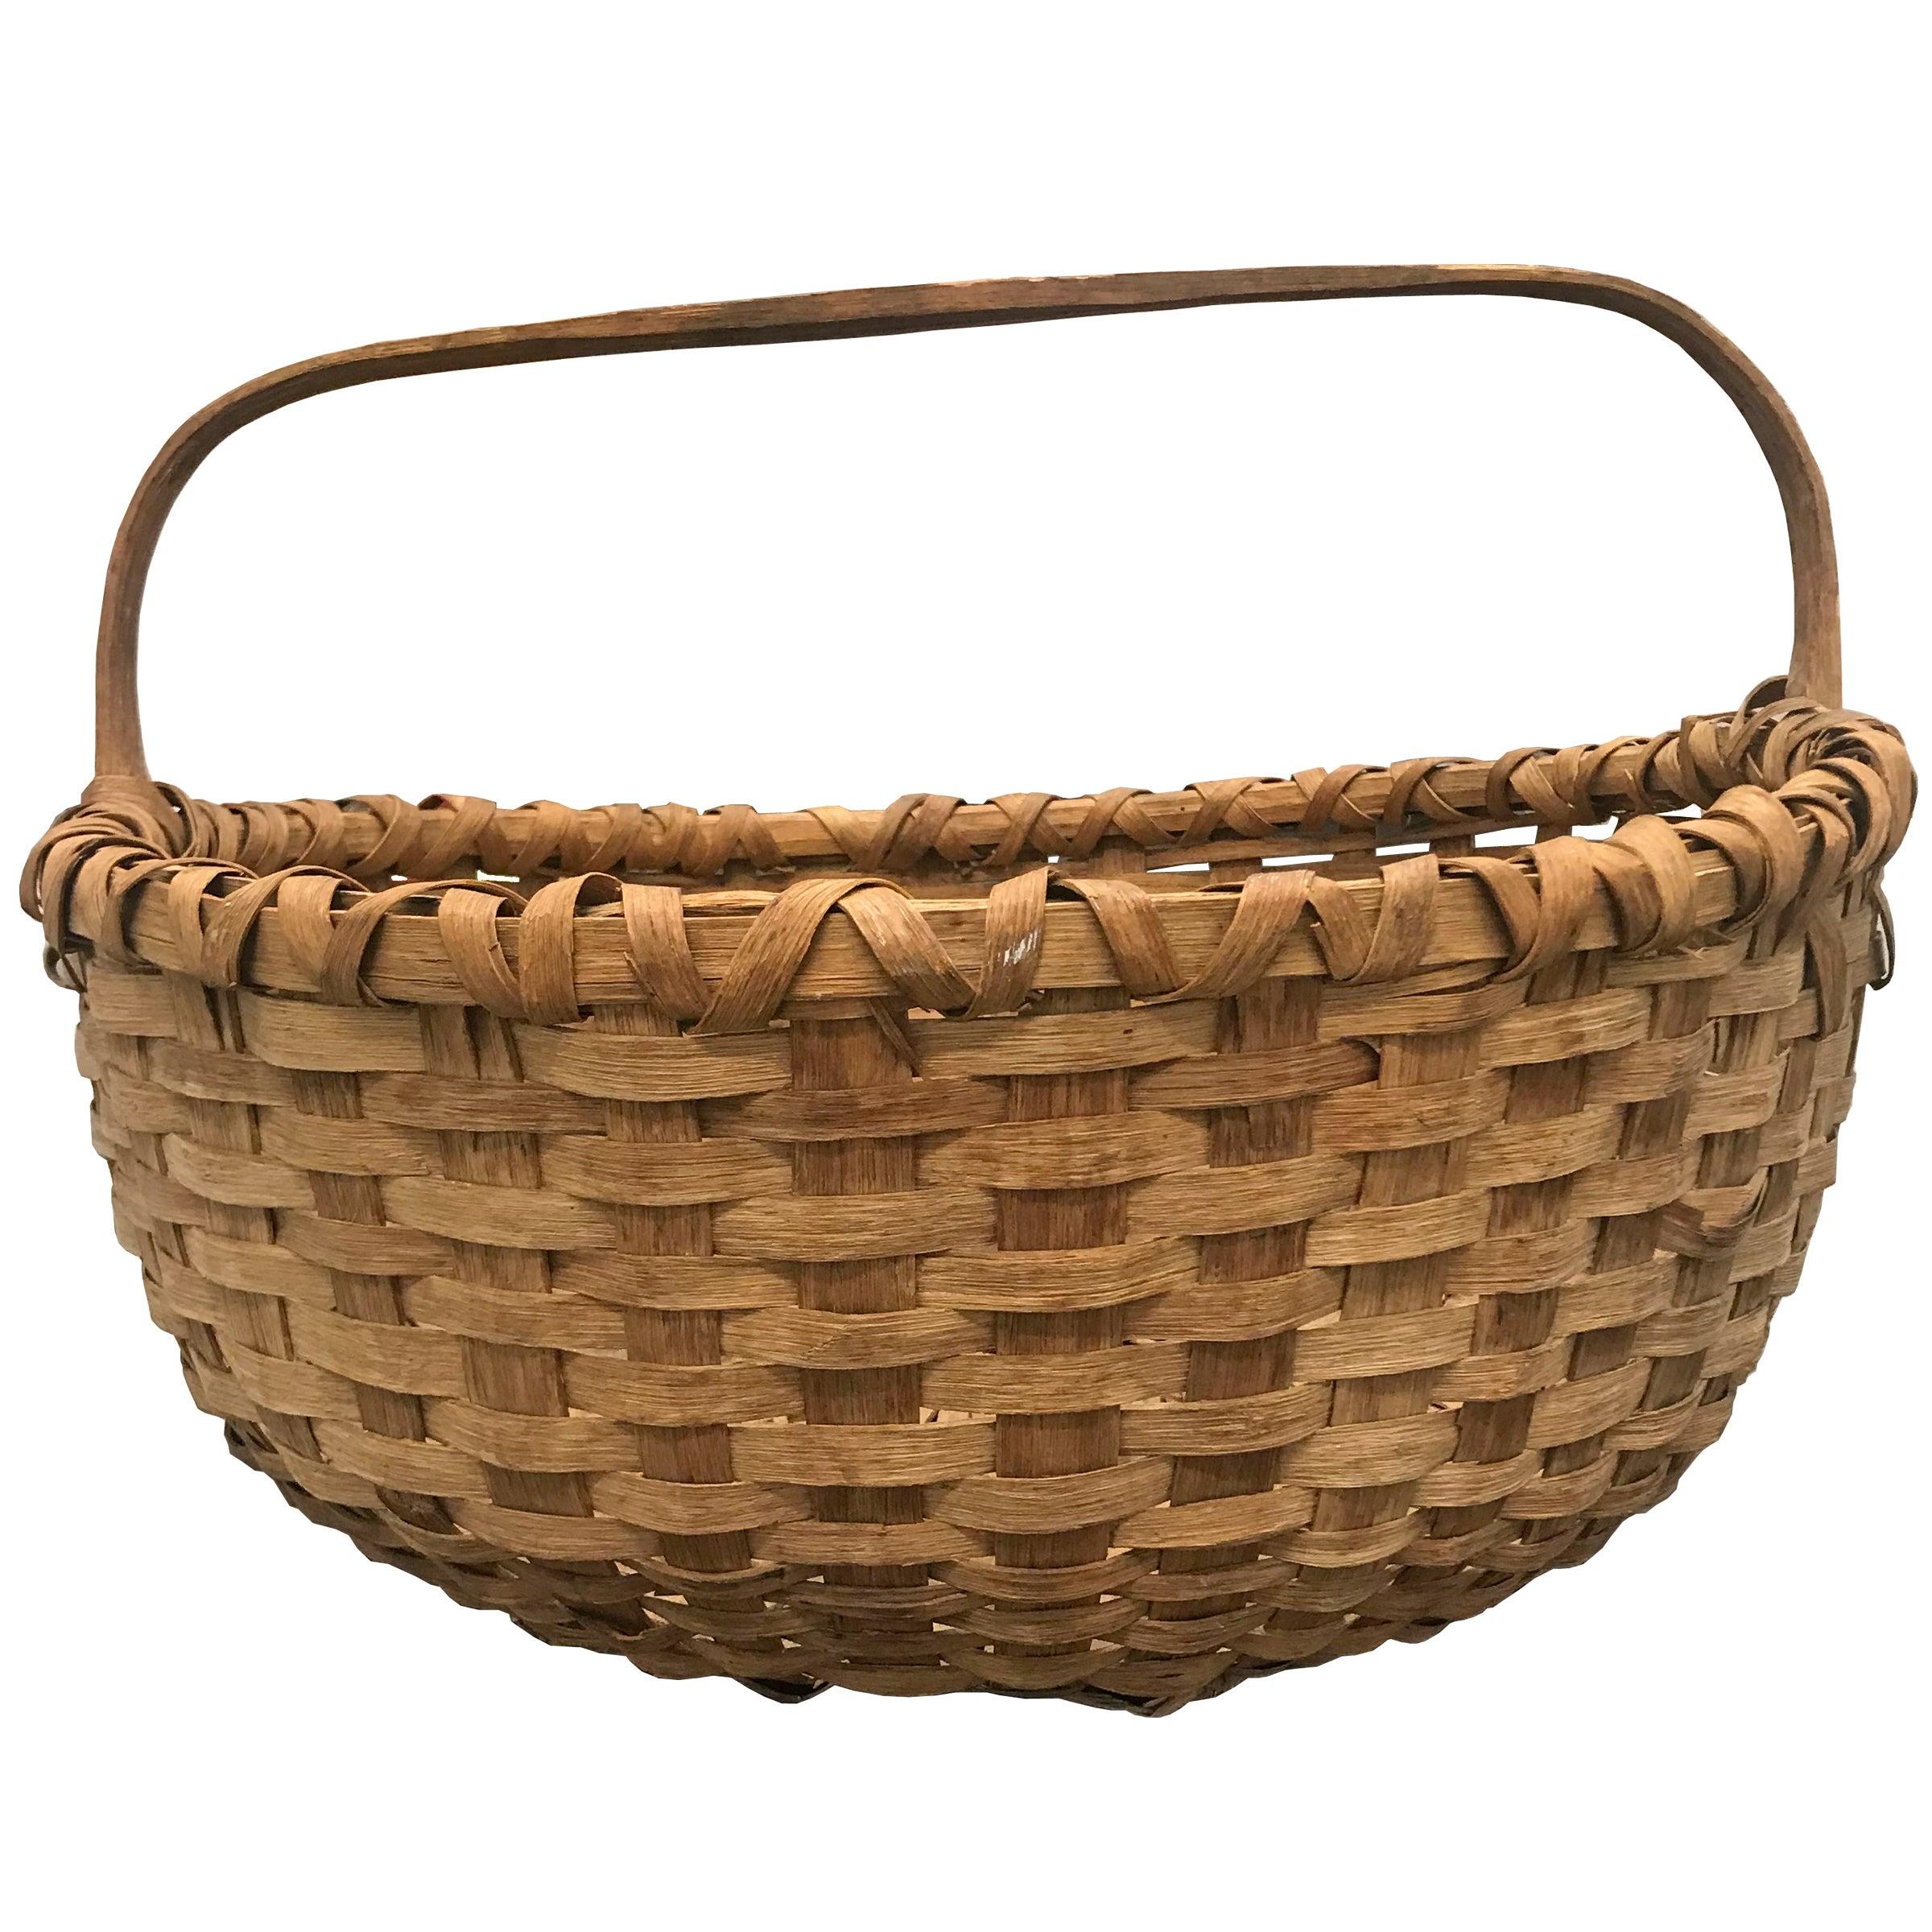 19th Century American Splint Oak Gathering Basket